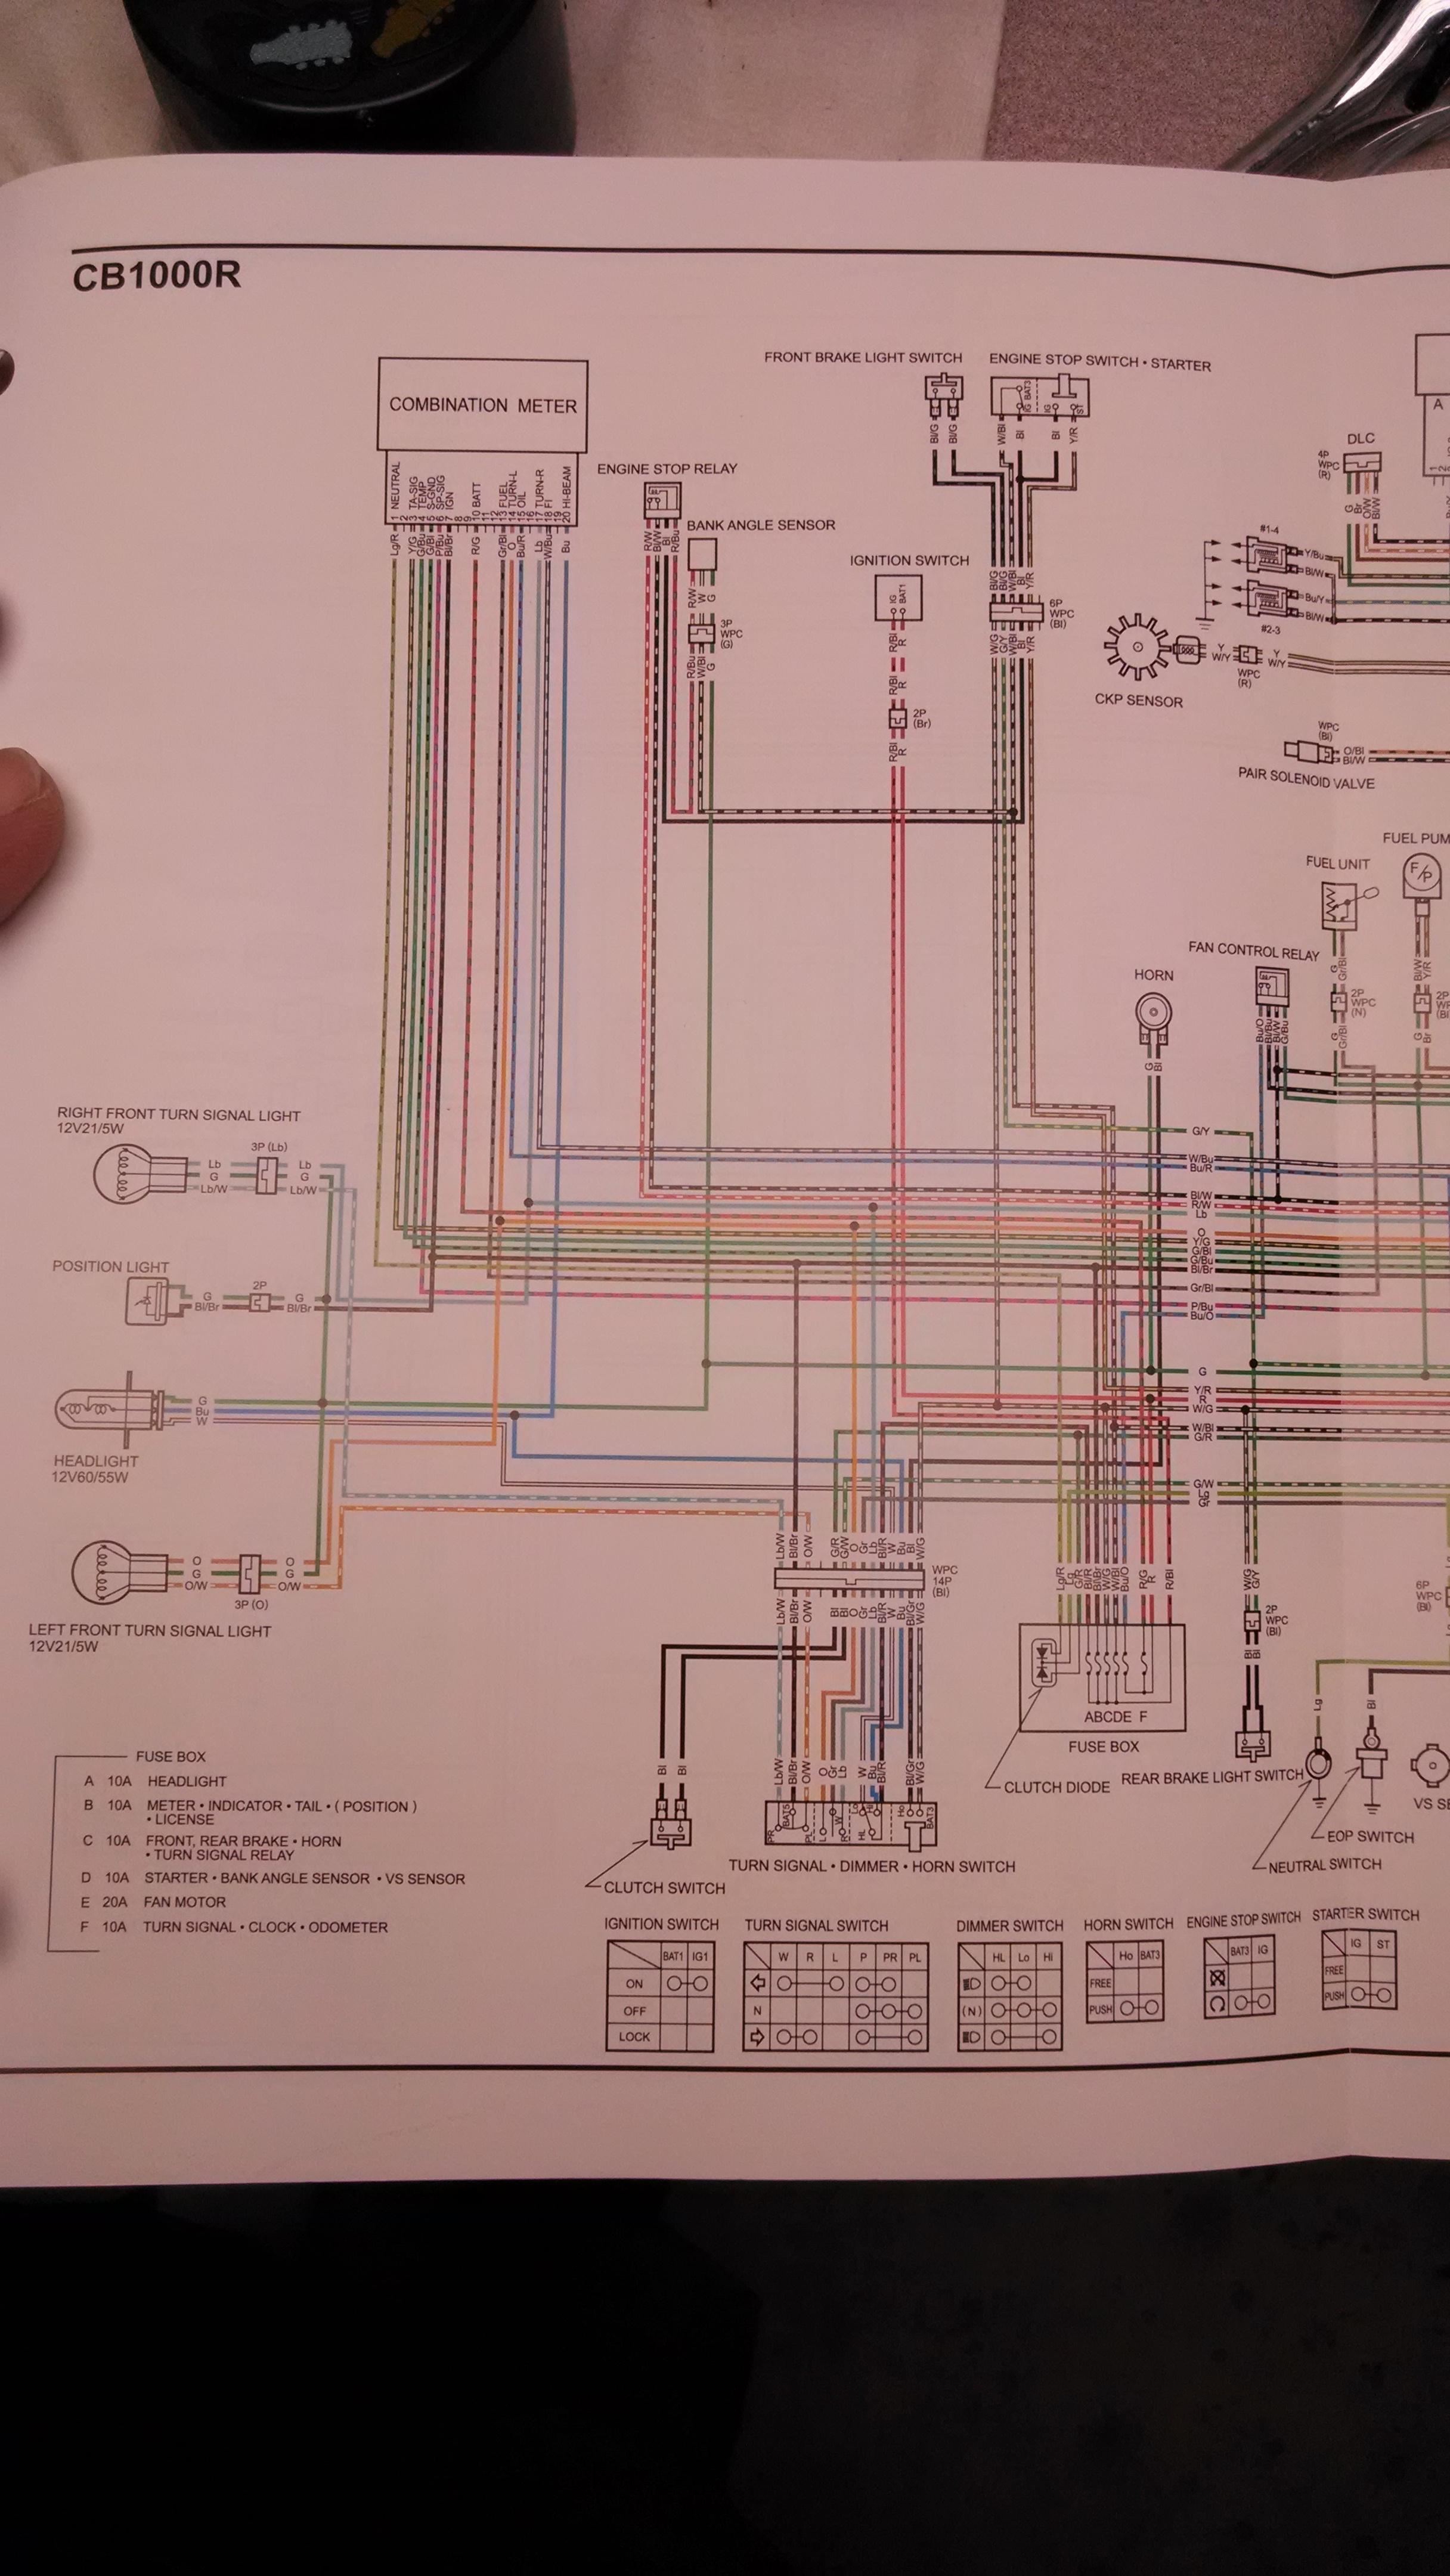 [SCHEMATICS_44OR]  CB1000R North American specific Wiring Diagram | Honda CB1000R Forum | Honda Cb1000 Wiring Diagram |  | Honda CB1000R Forum